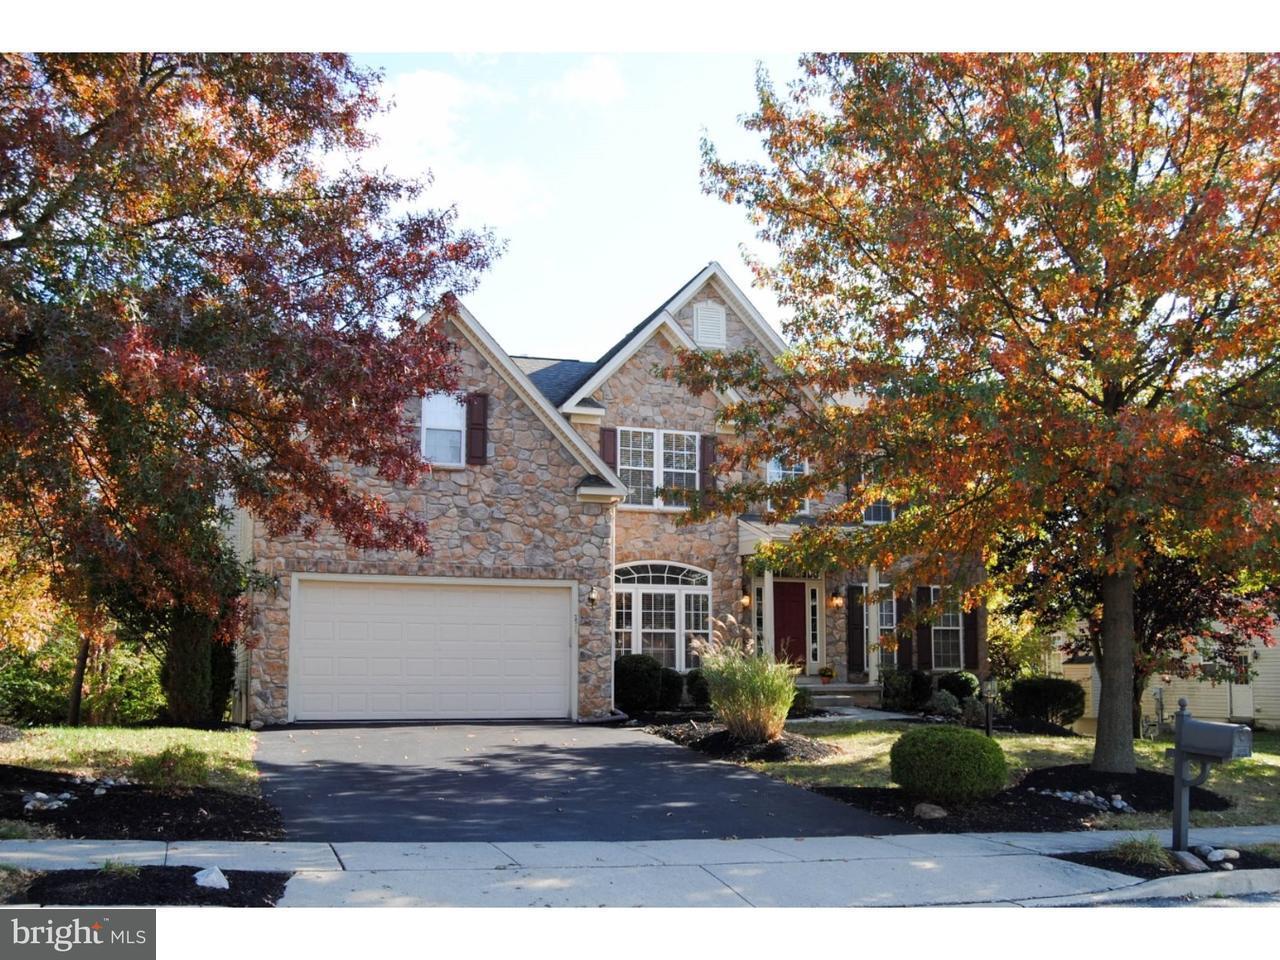 Частный односемейный дом для того Продажа на 2515 CRESTLINE Drive Lansdale, Пенсильвания 19446 Соединенные Штаты